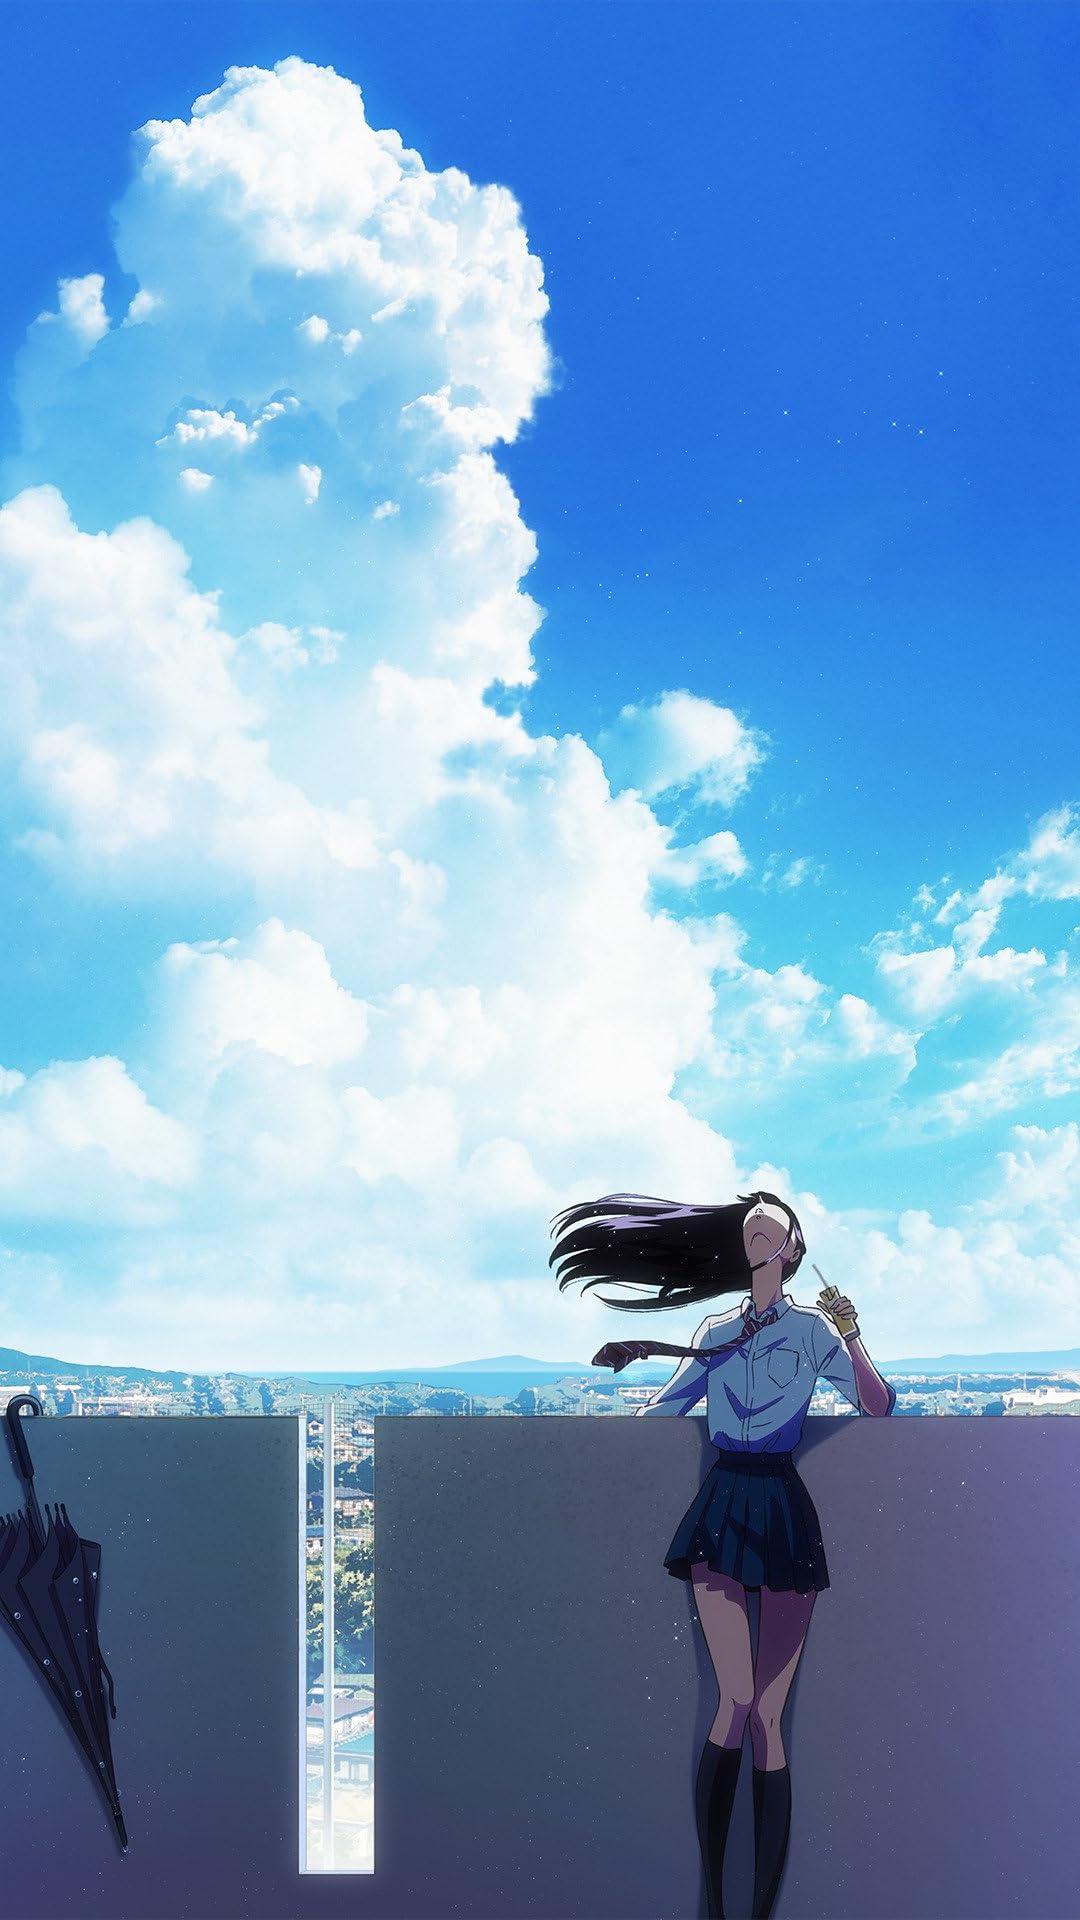 青い空と入道雲と空を見上げる橘あきらの『恋は雨上がりのように』の壁紙